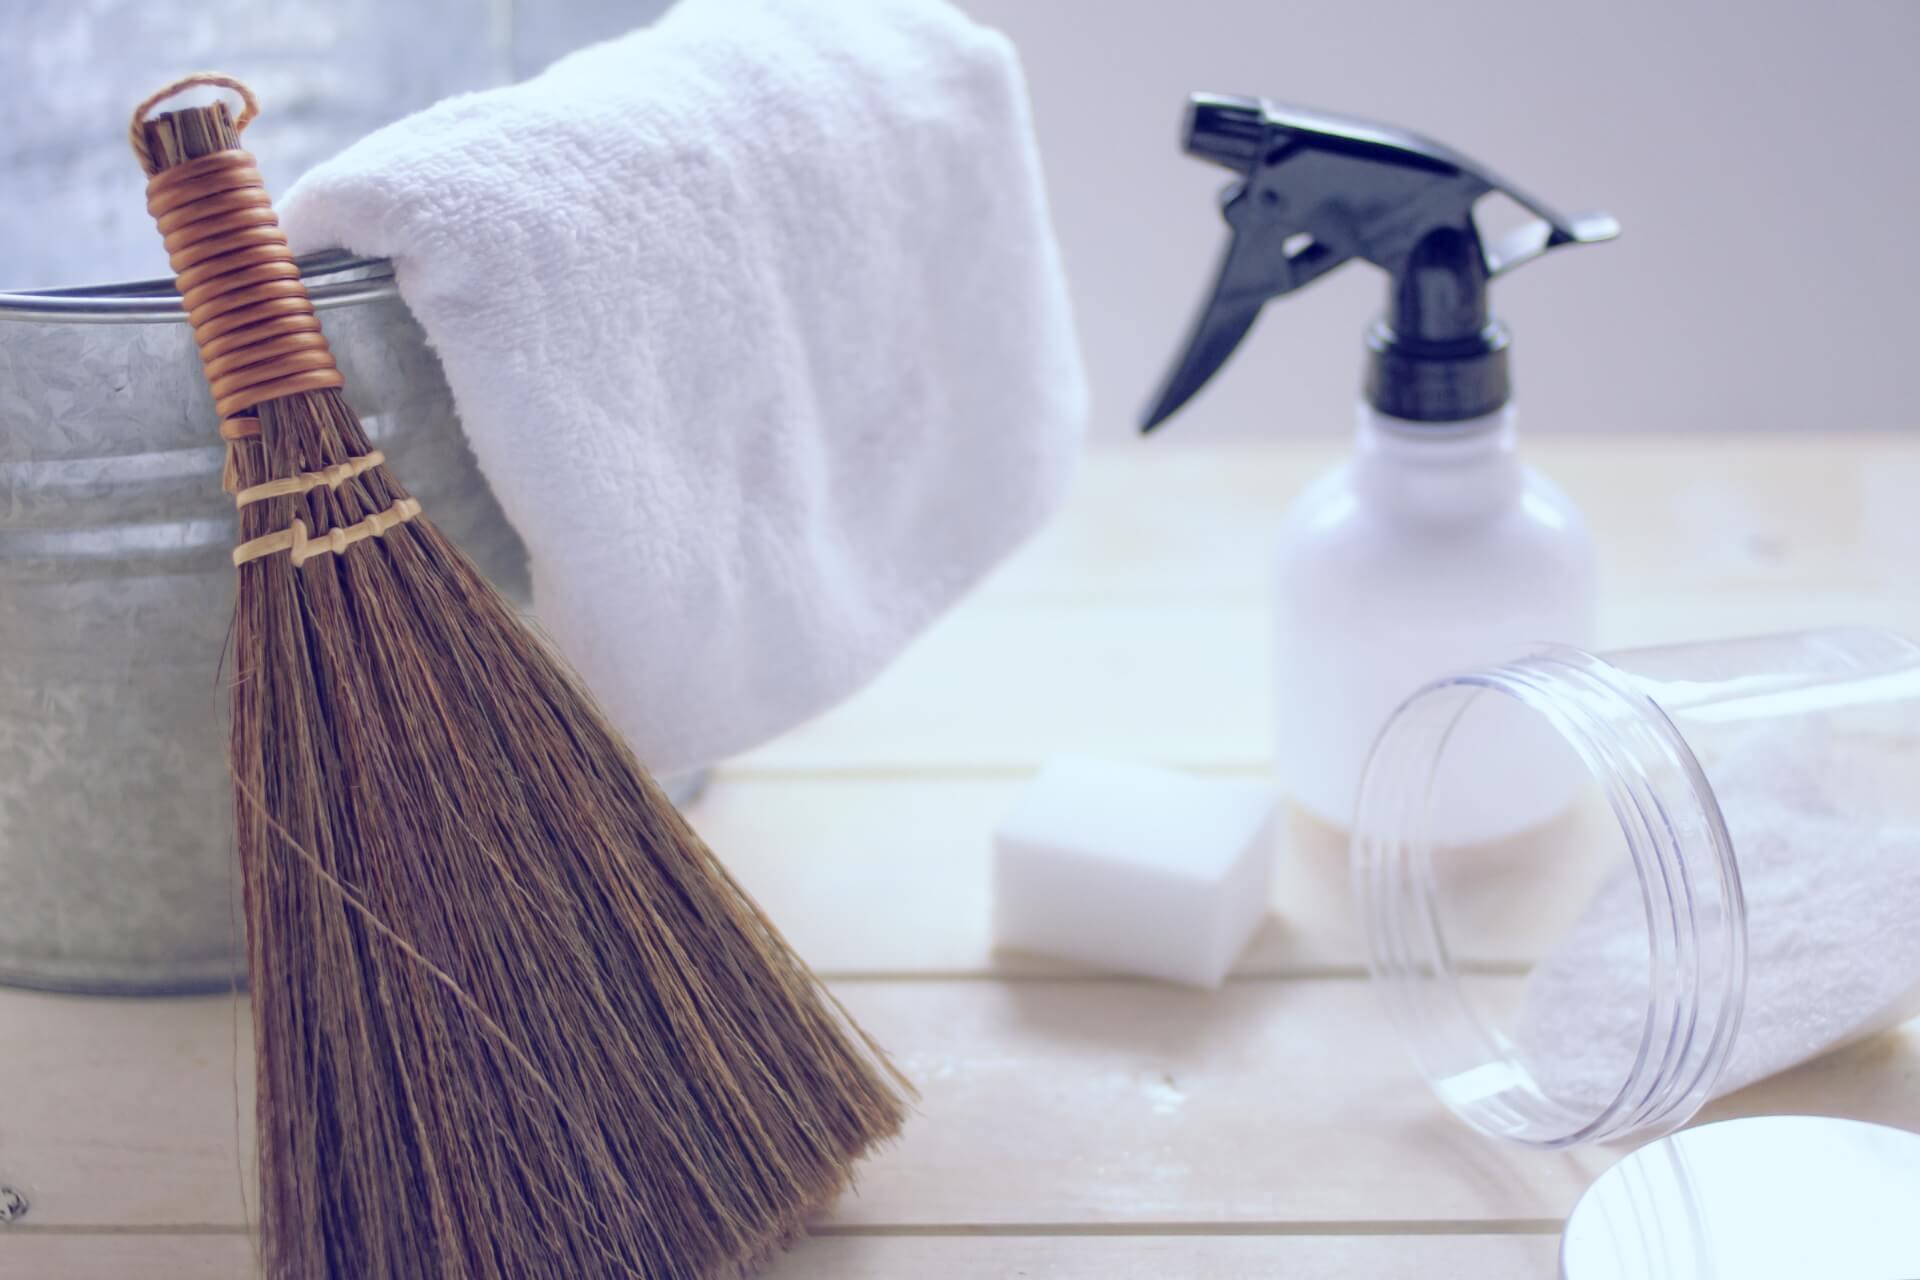 【大掃除】台所のシンク掃除には酢が有効!?